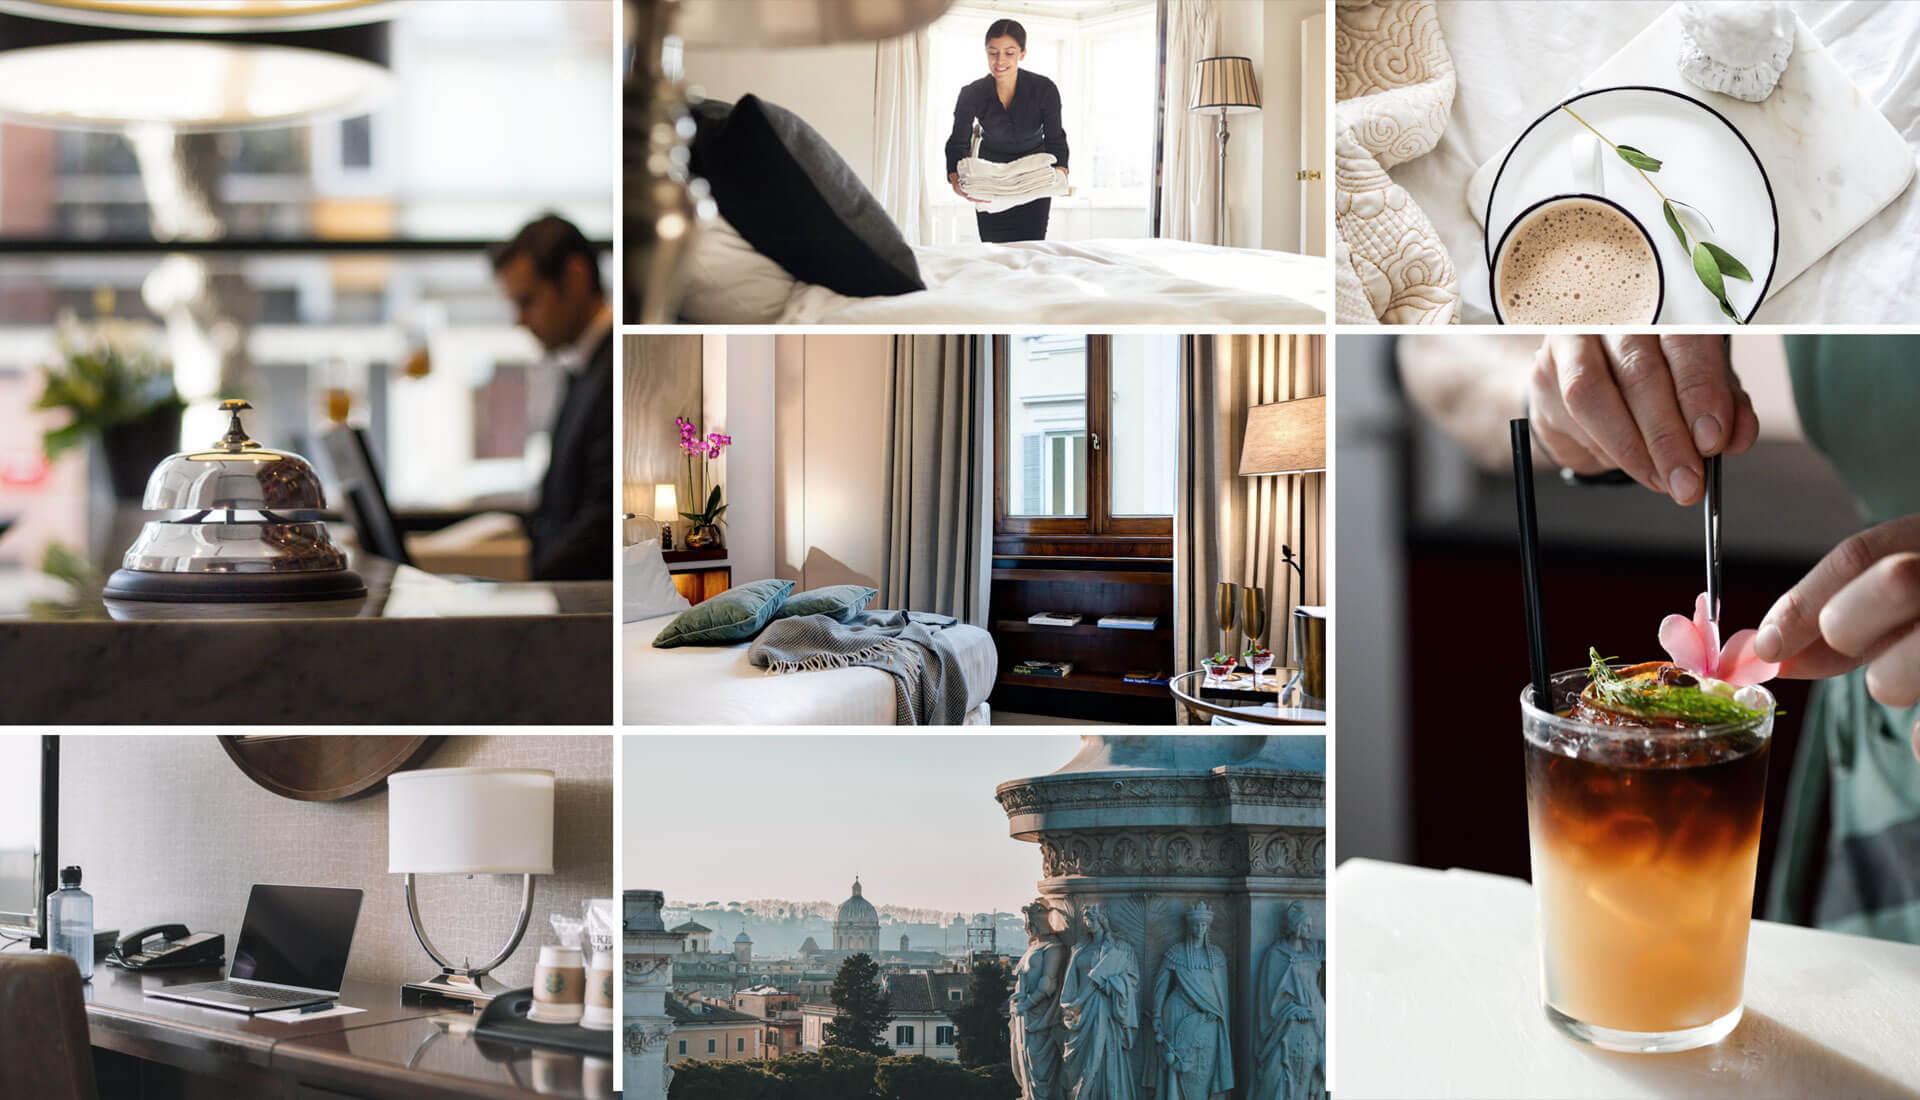 vissochi-hotelman-portfolio-1